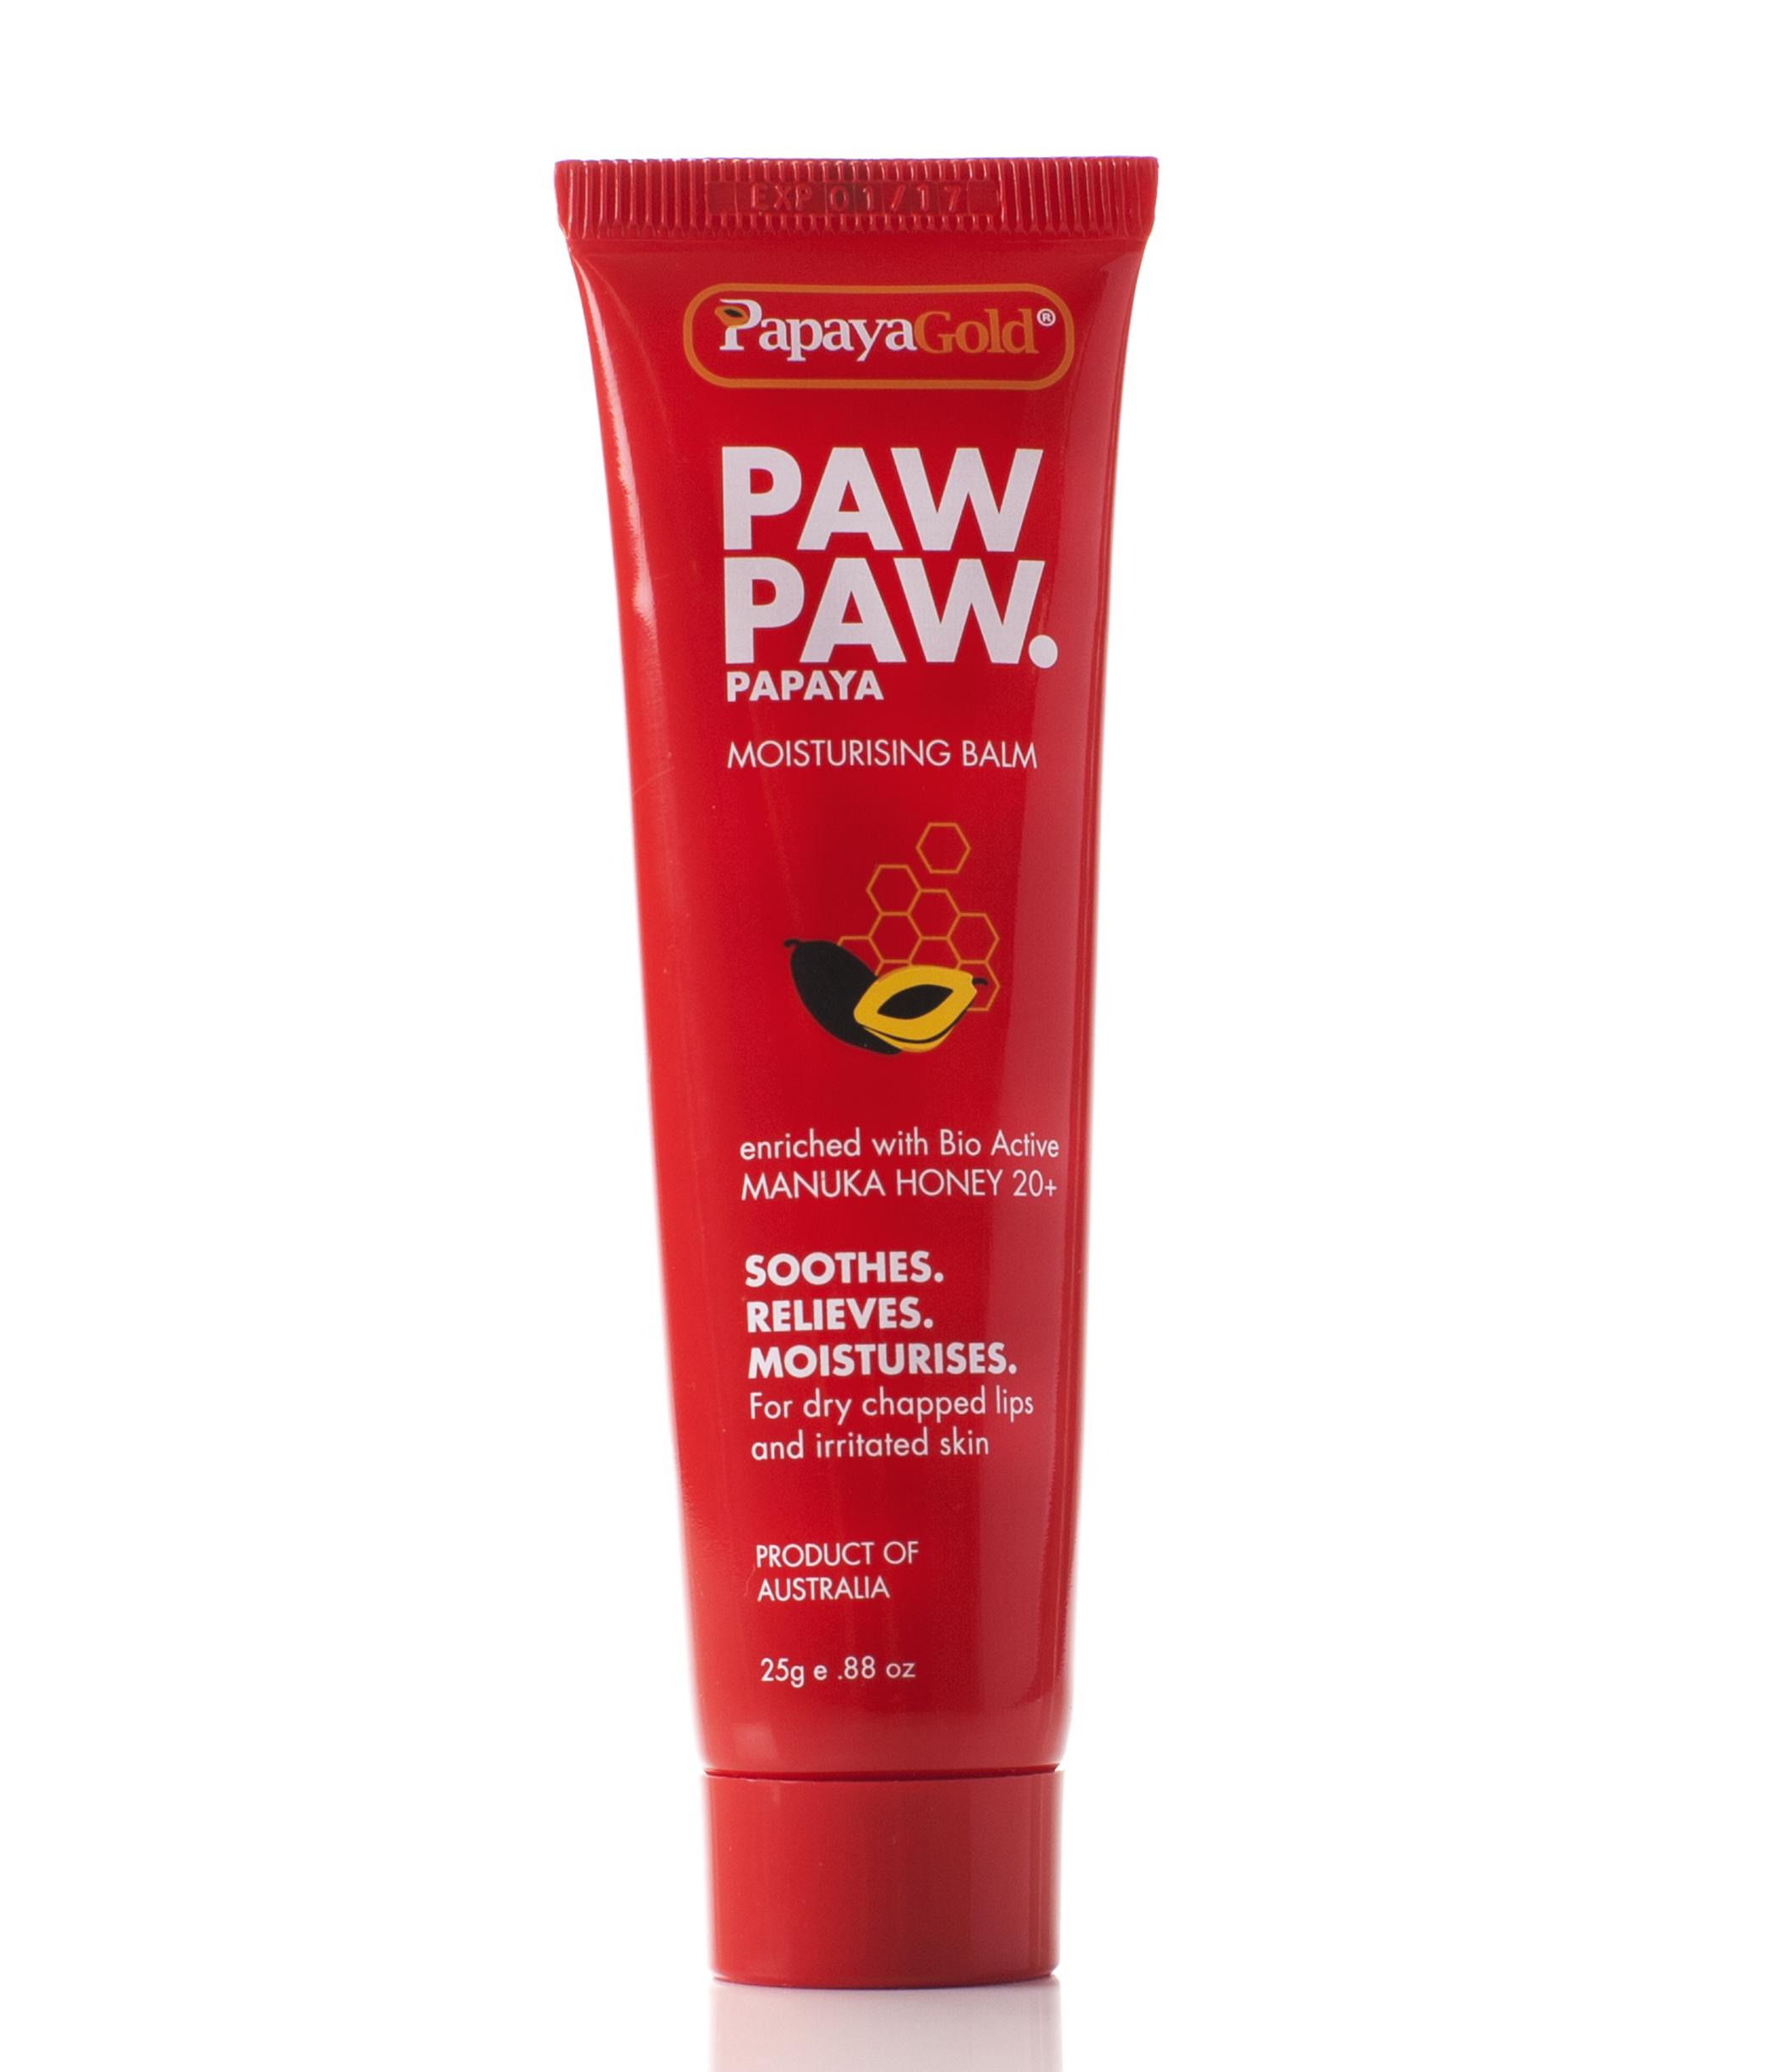 Papaya Gold Paw Paw